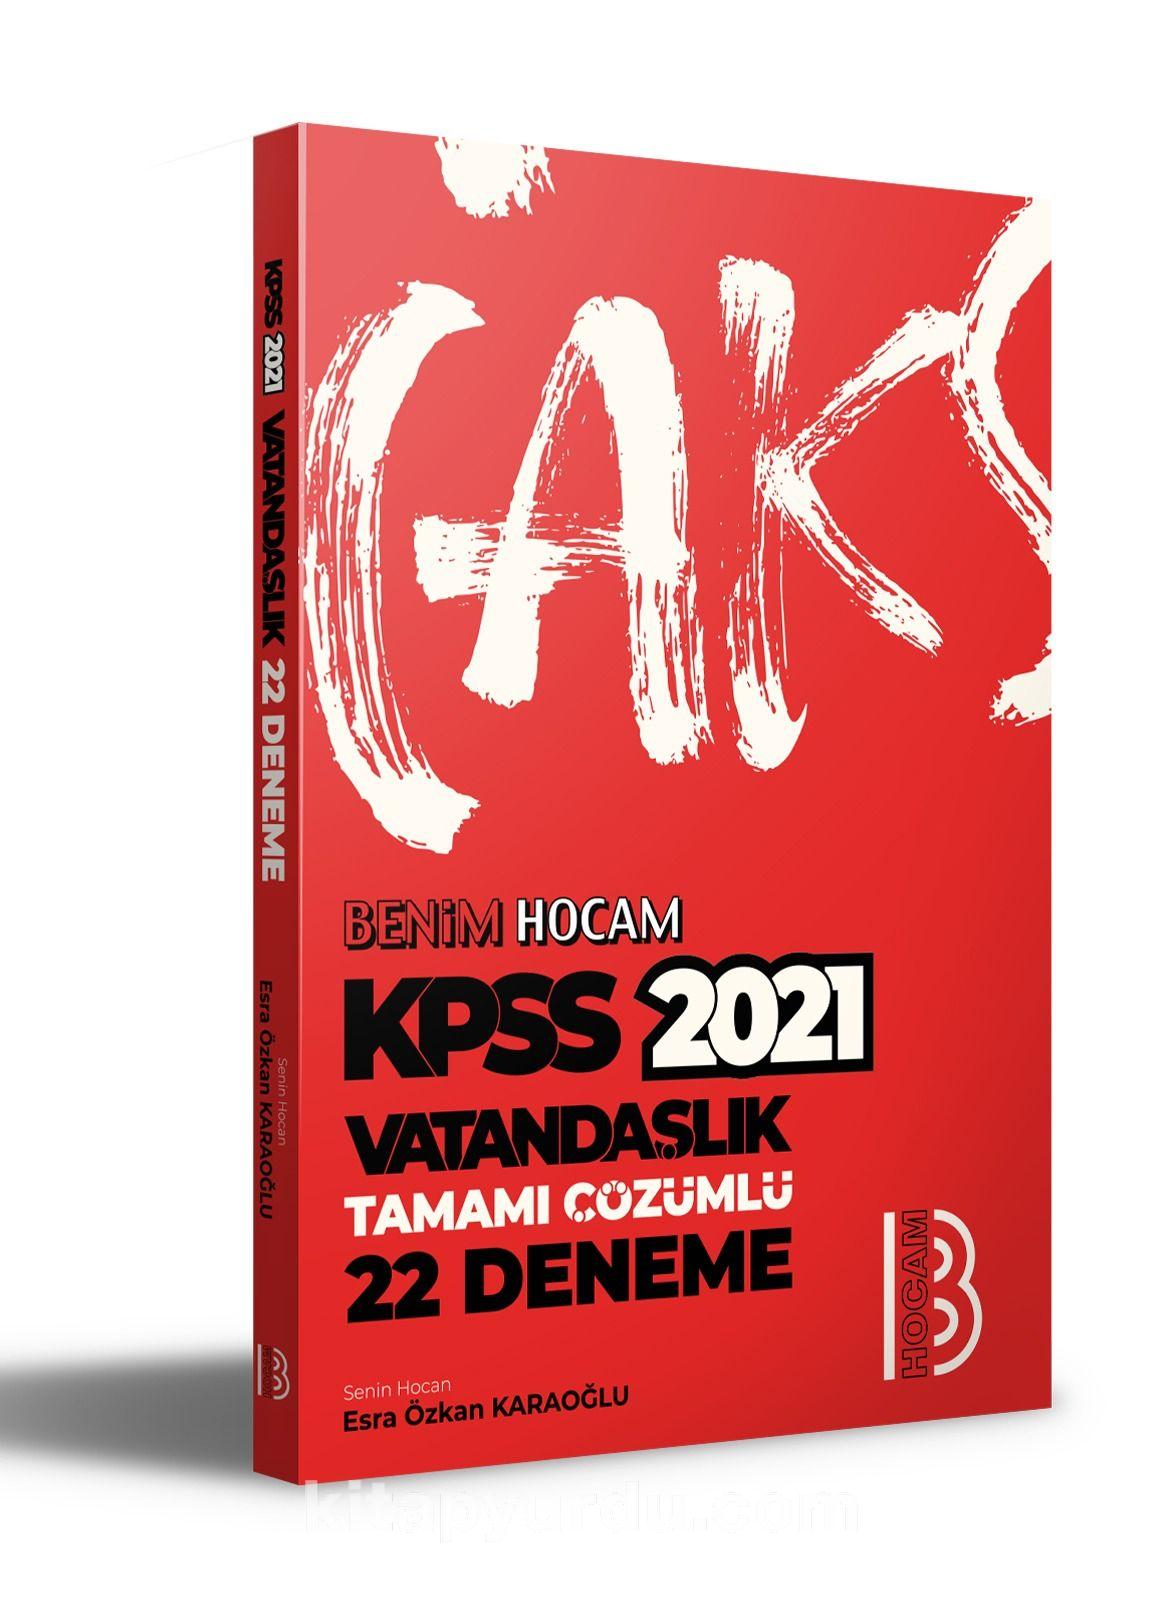 2021 KPSS Vatandaşlık Tamamı Çözümlü 22 Deneme  PDF Kitap İndir